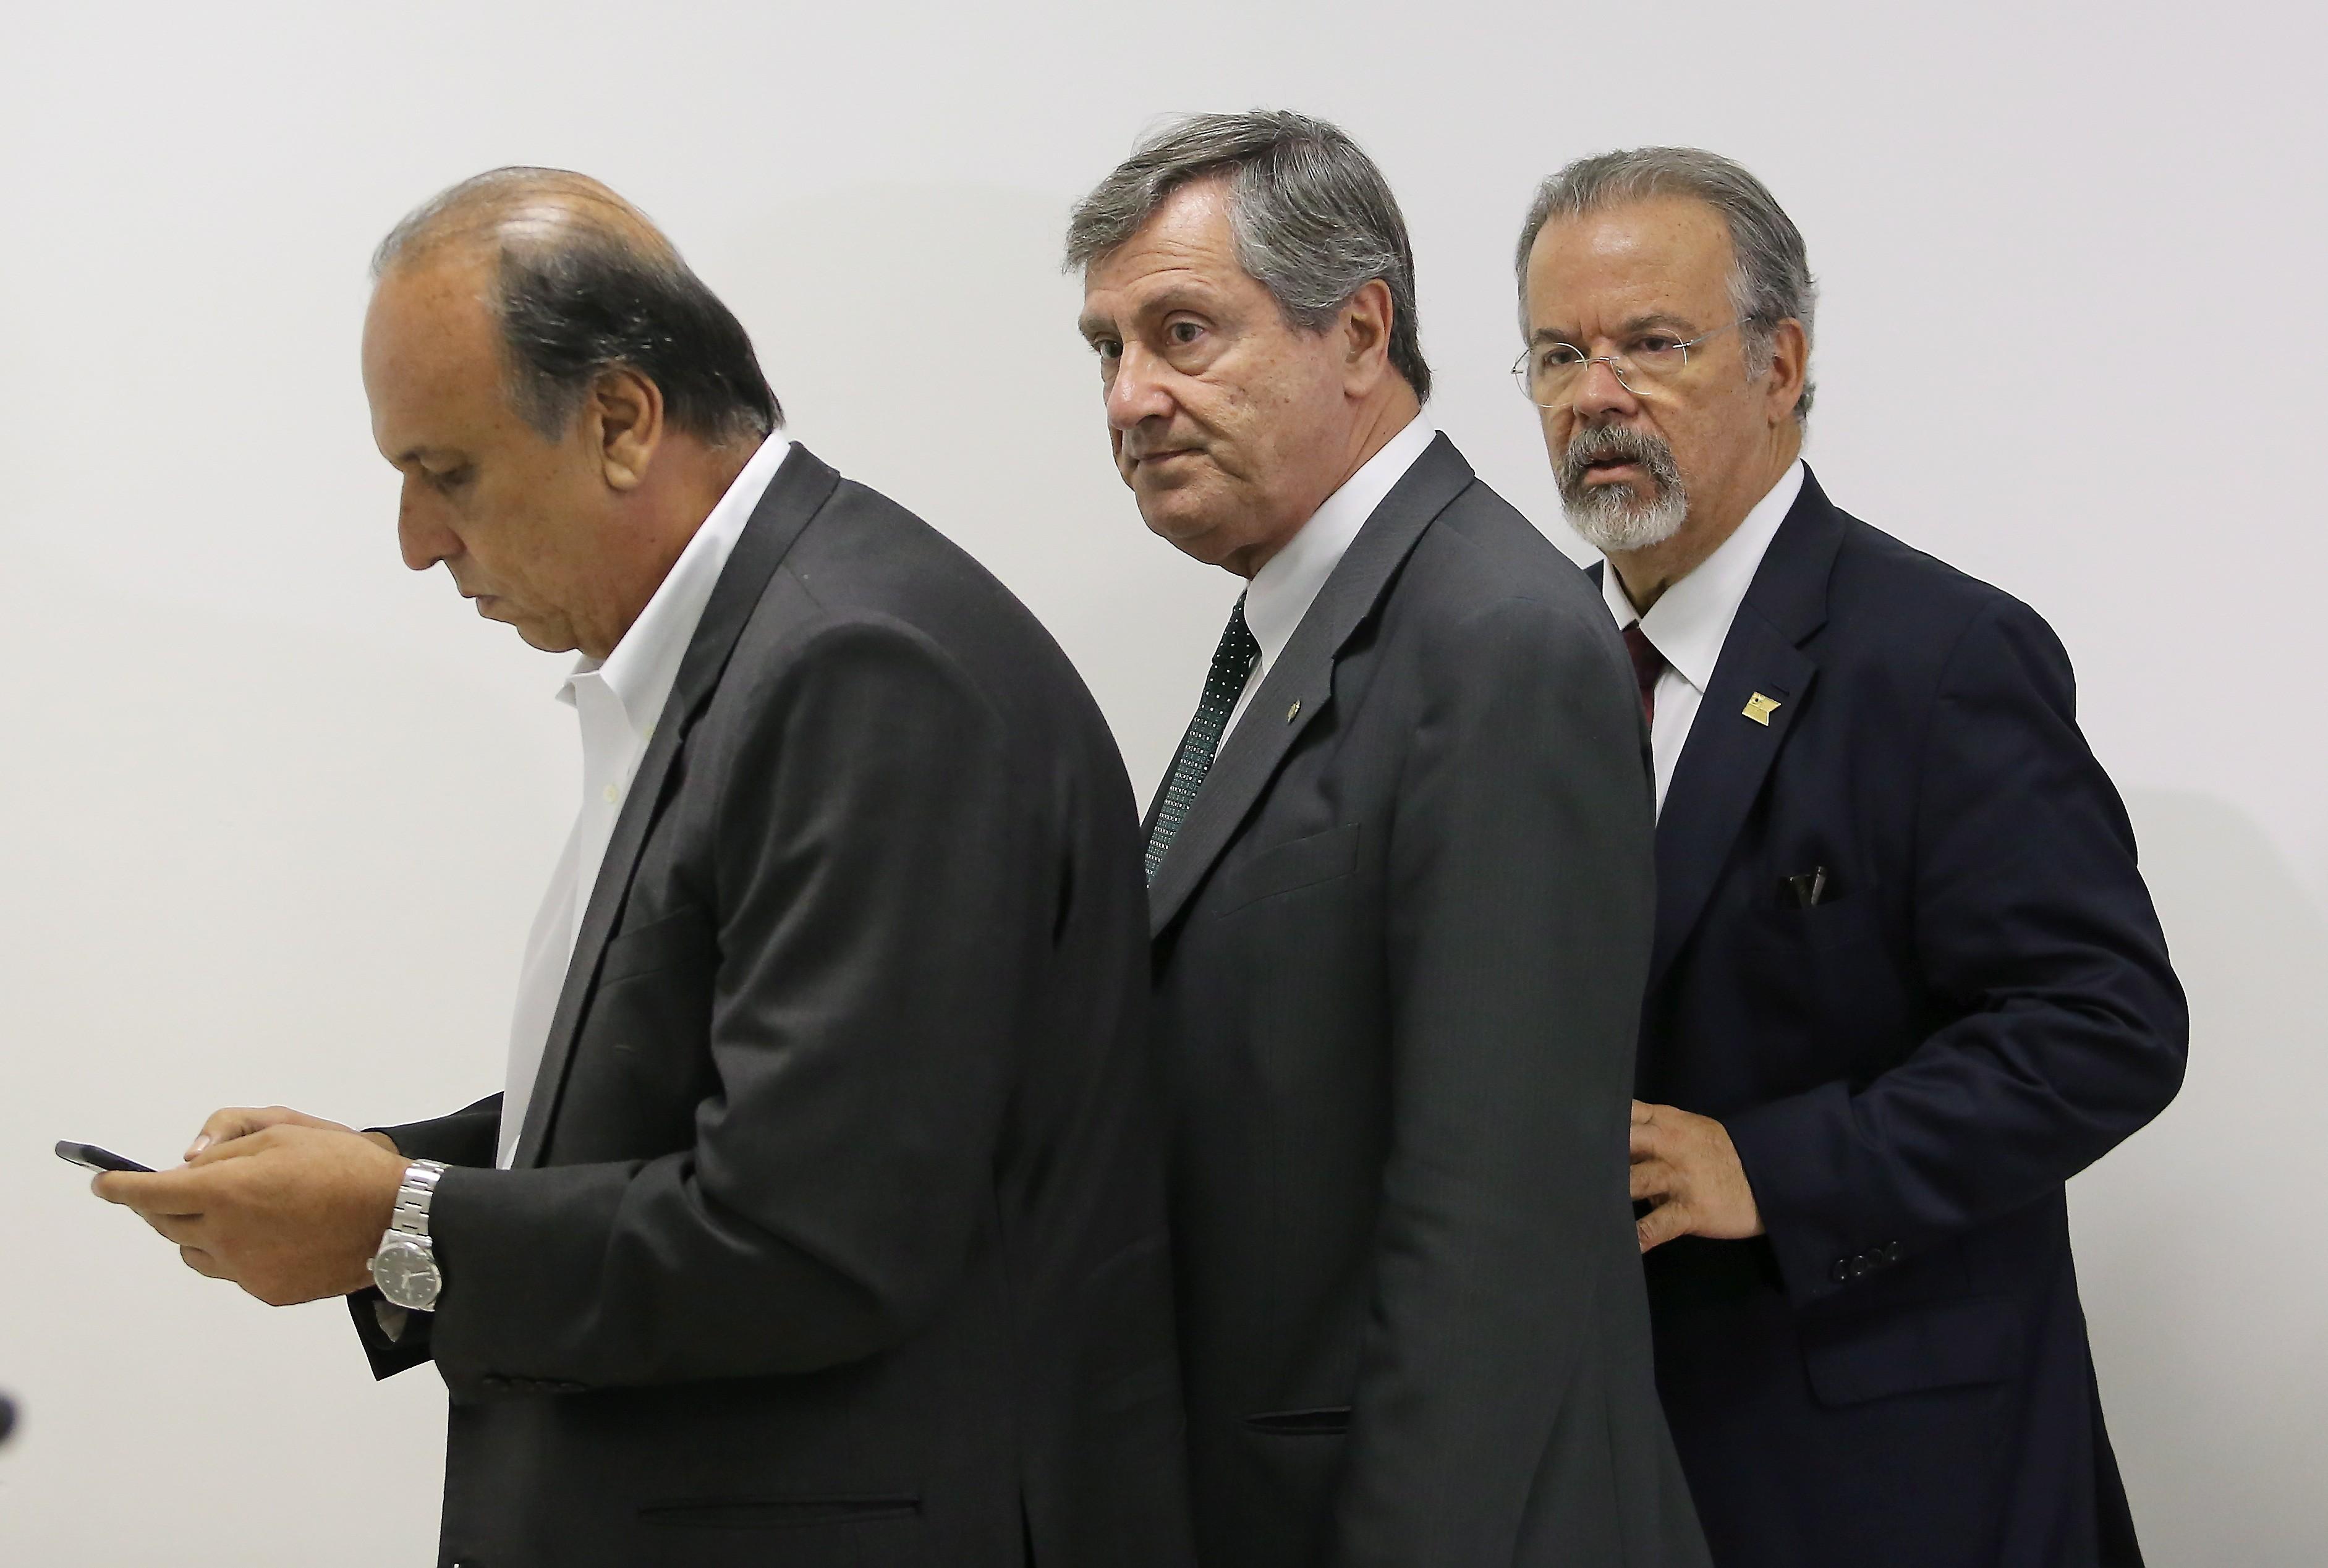 Pezão, Torquato Jardim e Raul Jungmann